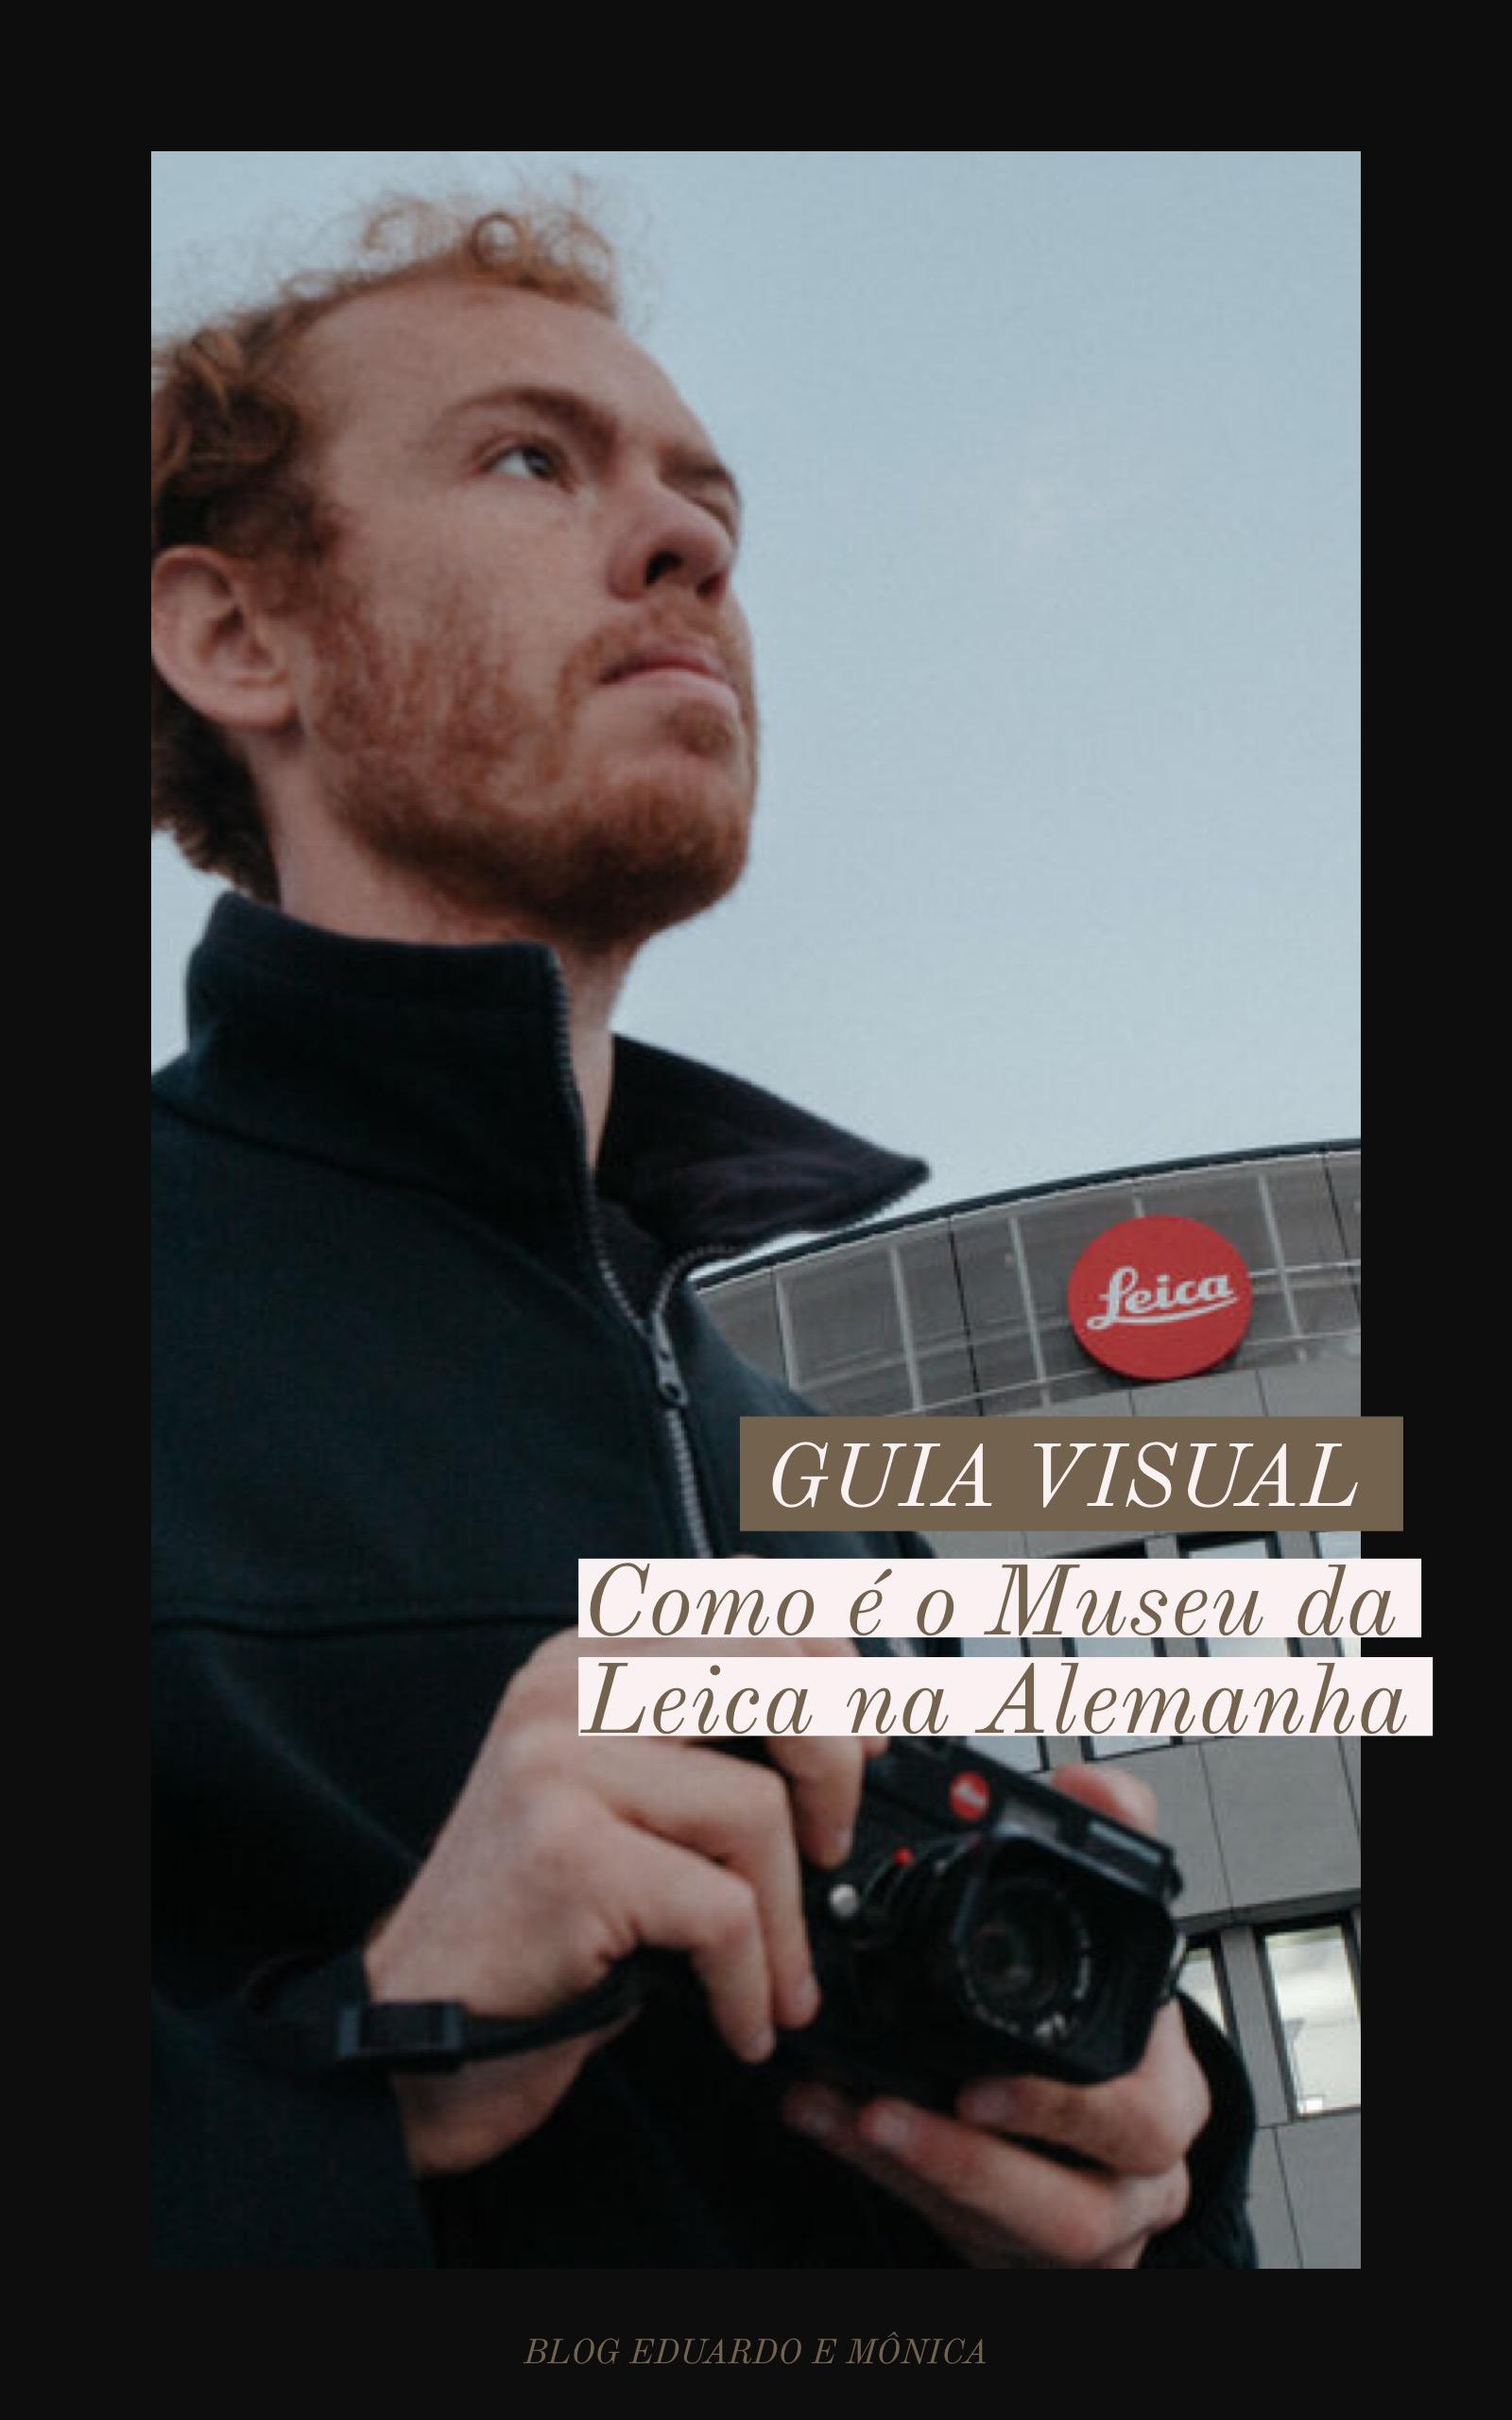 Como é o Museu da Leica na Alemanha: Guia Visual